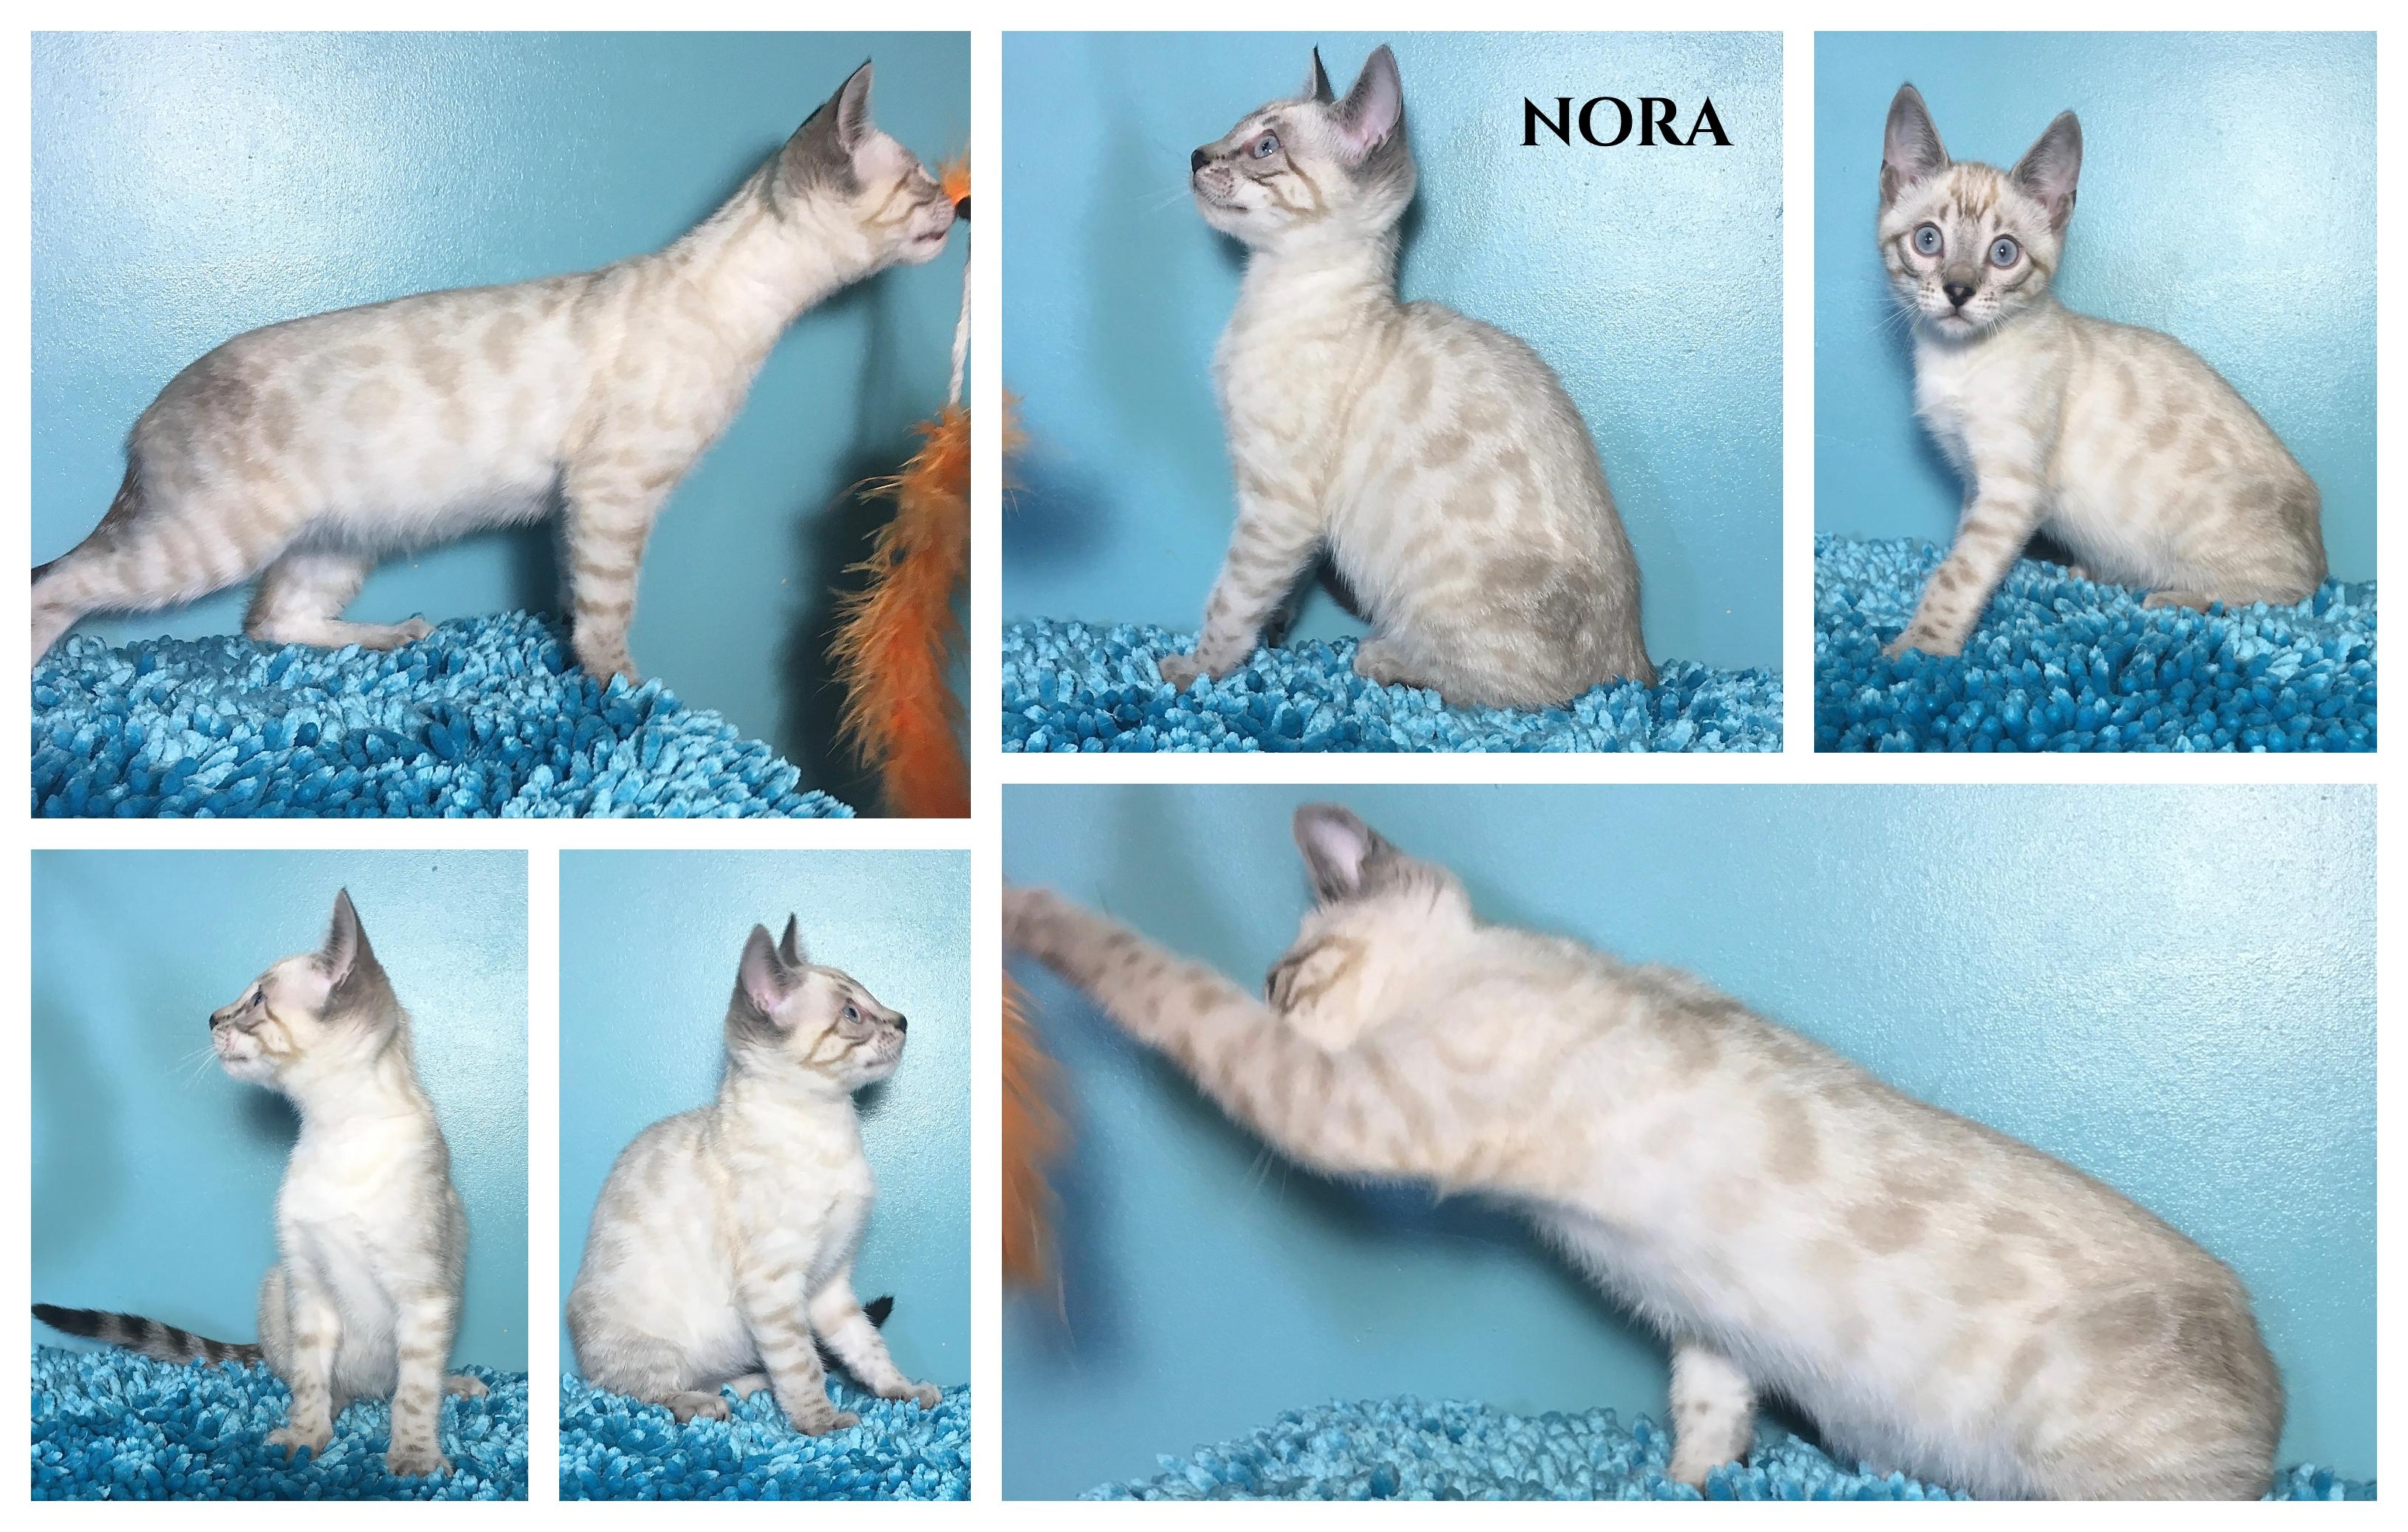 Nora 13 weeks